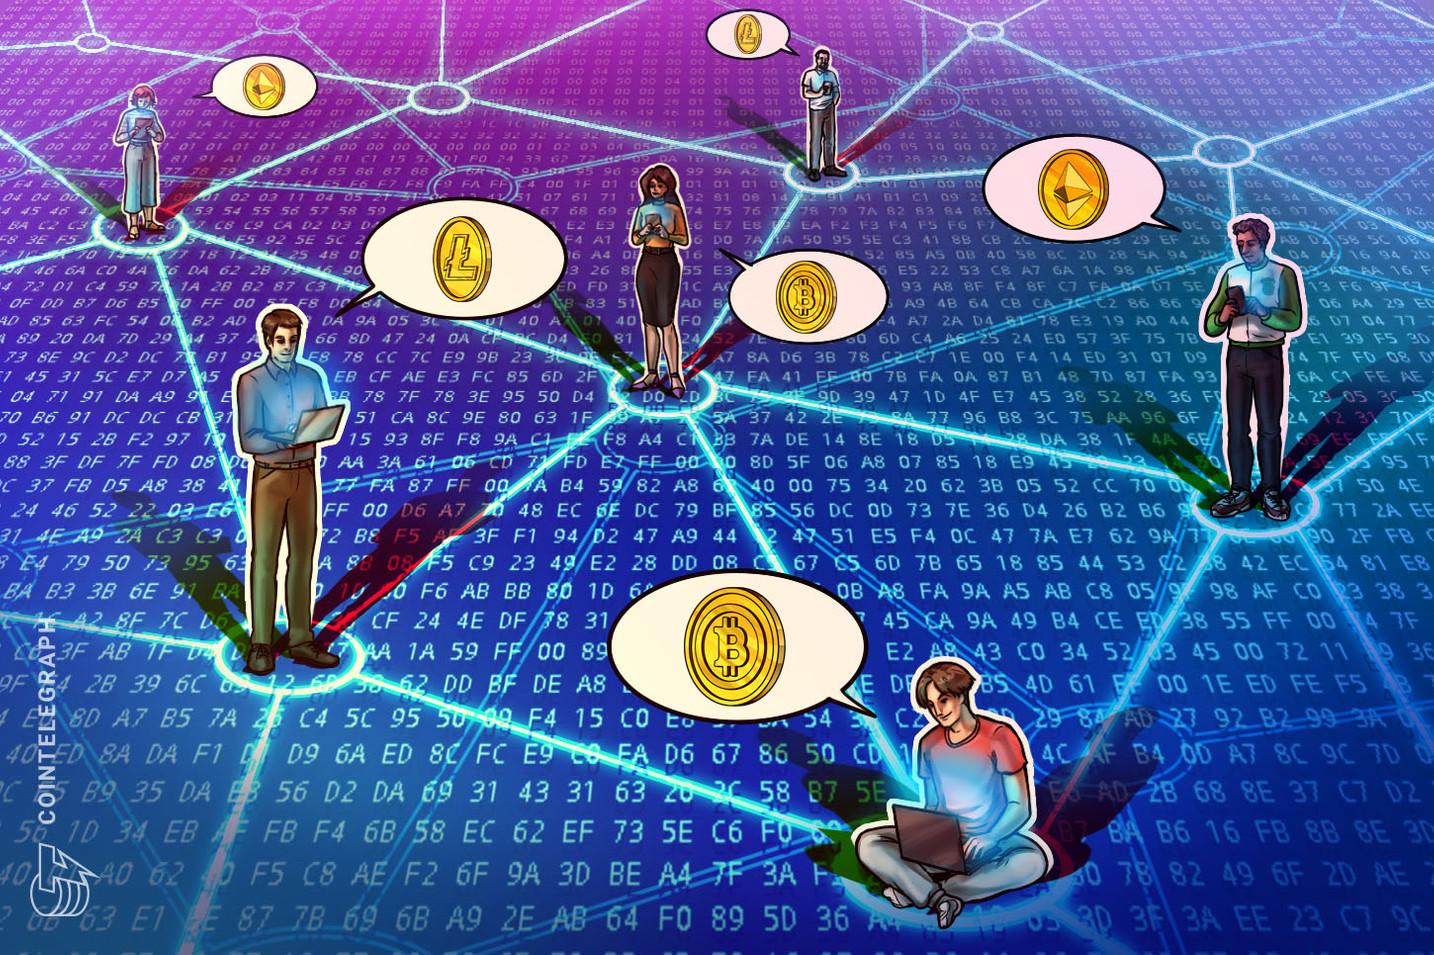 株もビットコインも手数料無料で取引できるアプリ、SoFiが参戦 米国で競争激化